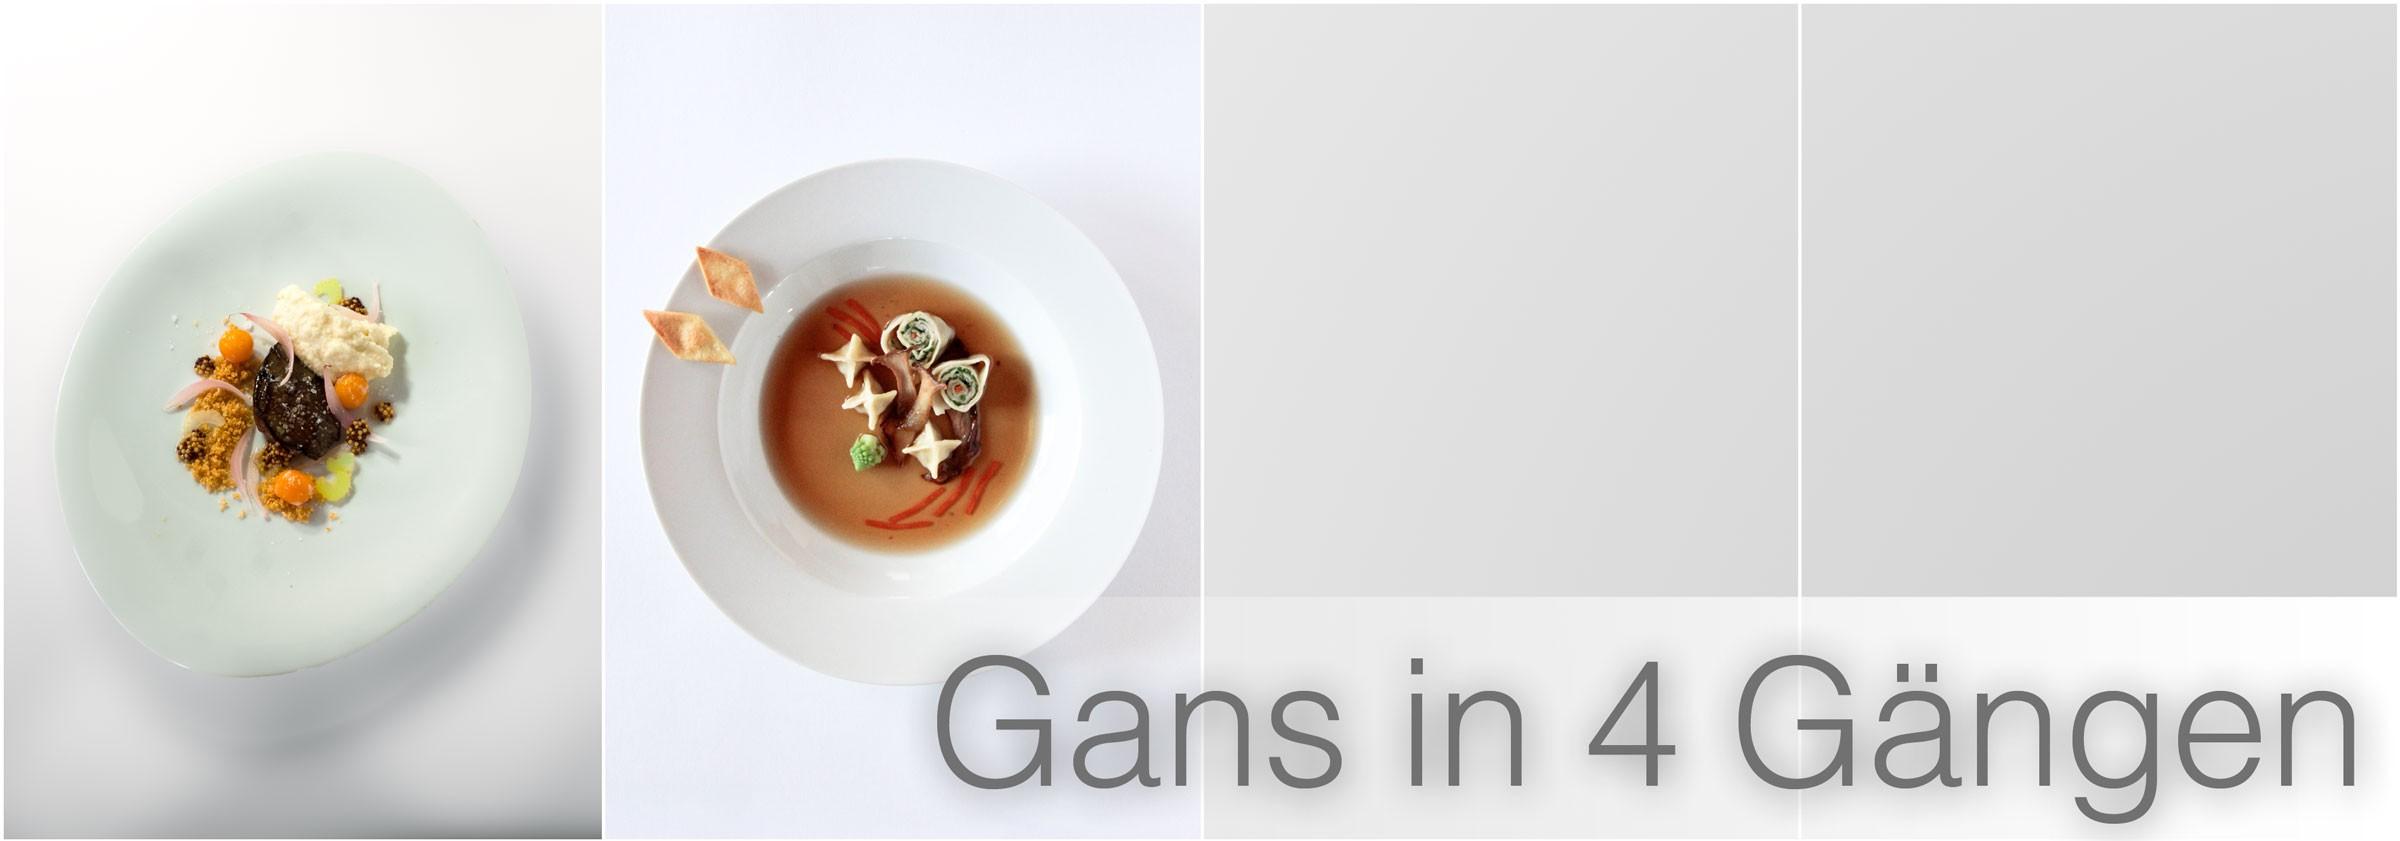 Gans-in-4-Gängen-2